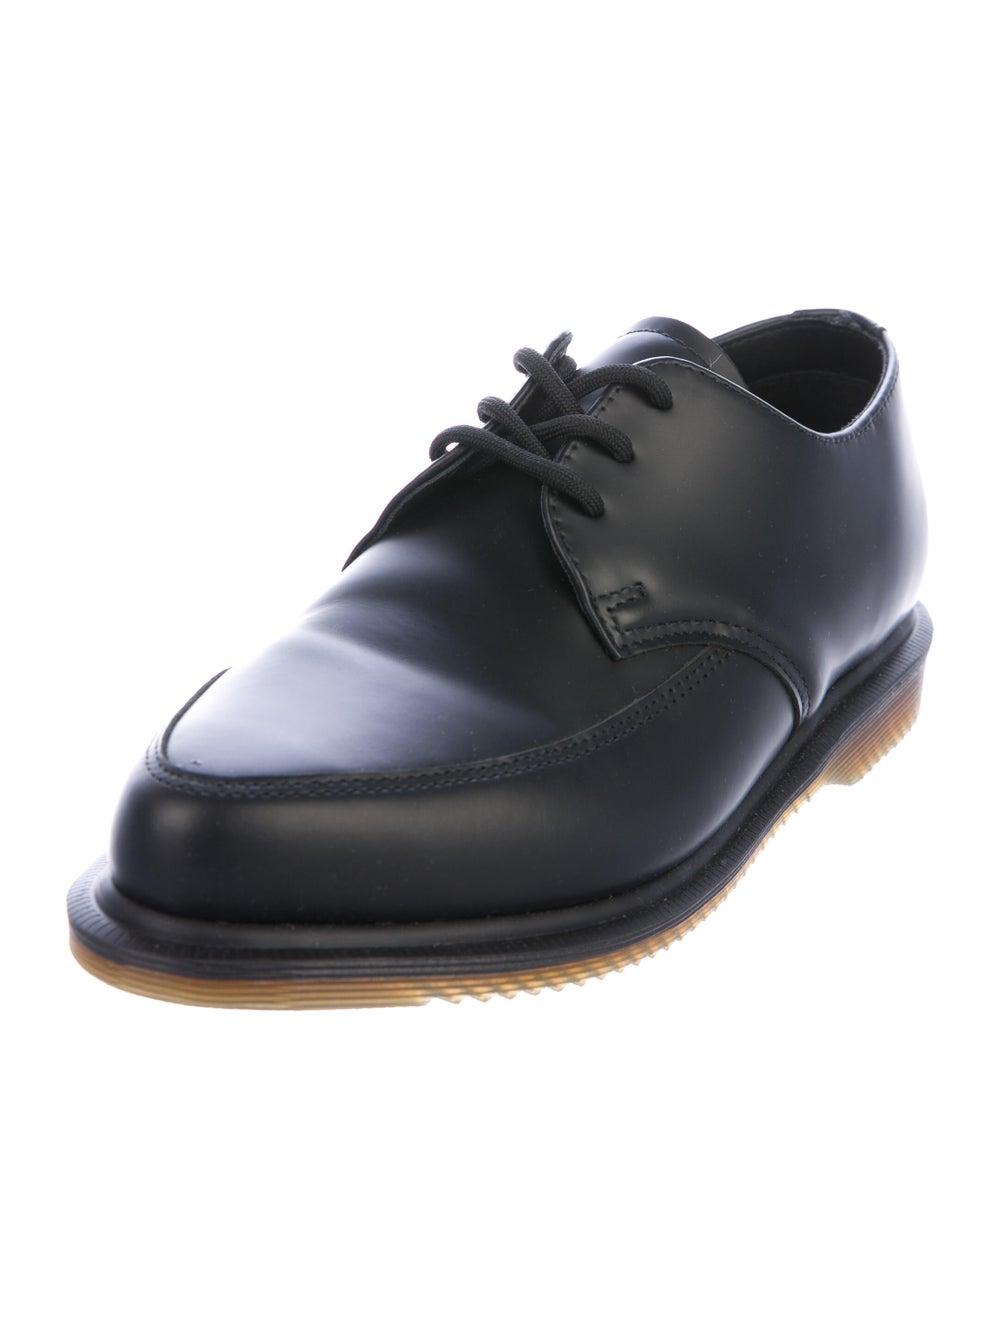 Dr. Martens Willis Derby Shoes black - image 2